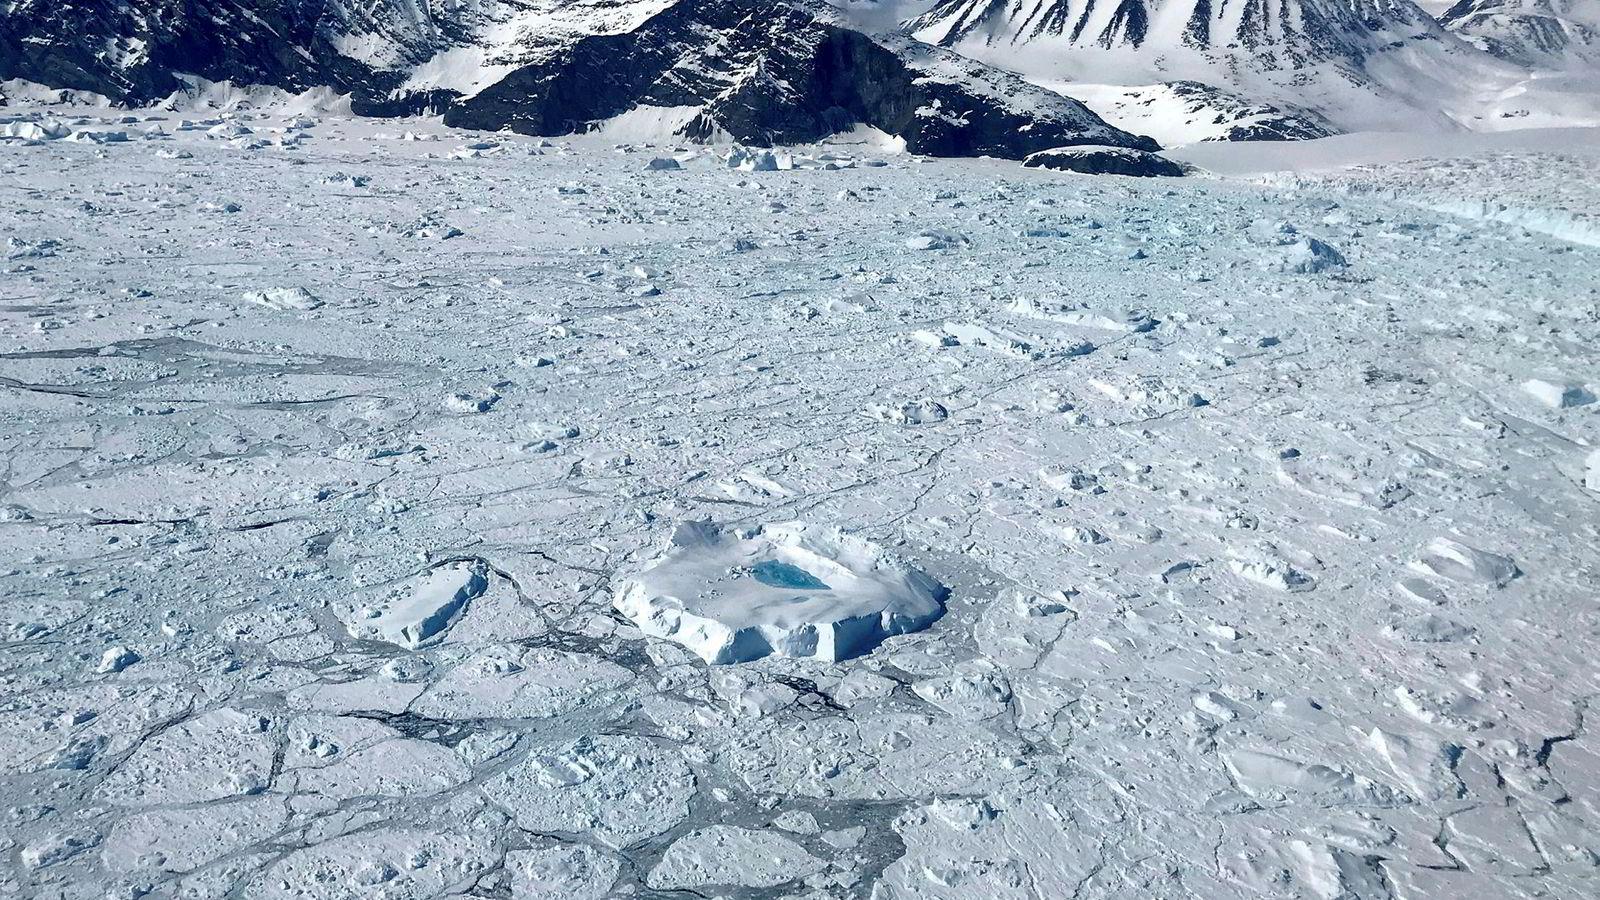 Det har vært 400 måneder på rad med unormalt høye temperaturer i verden. Her driver et isberg med en kulp av smeltevann utenfor Grønland.